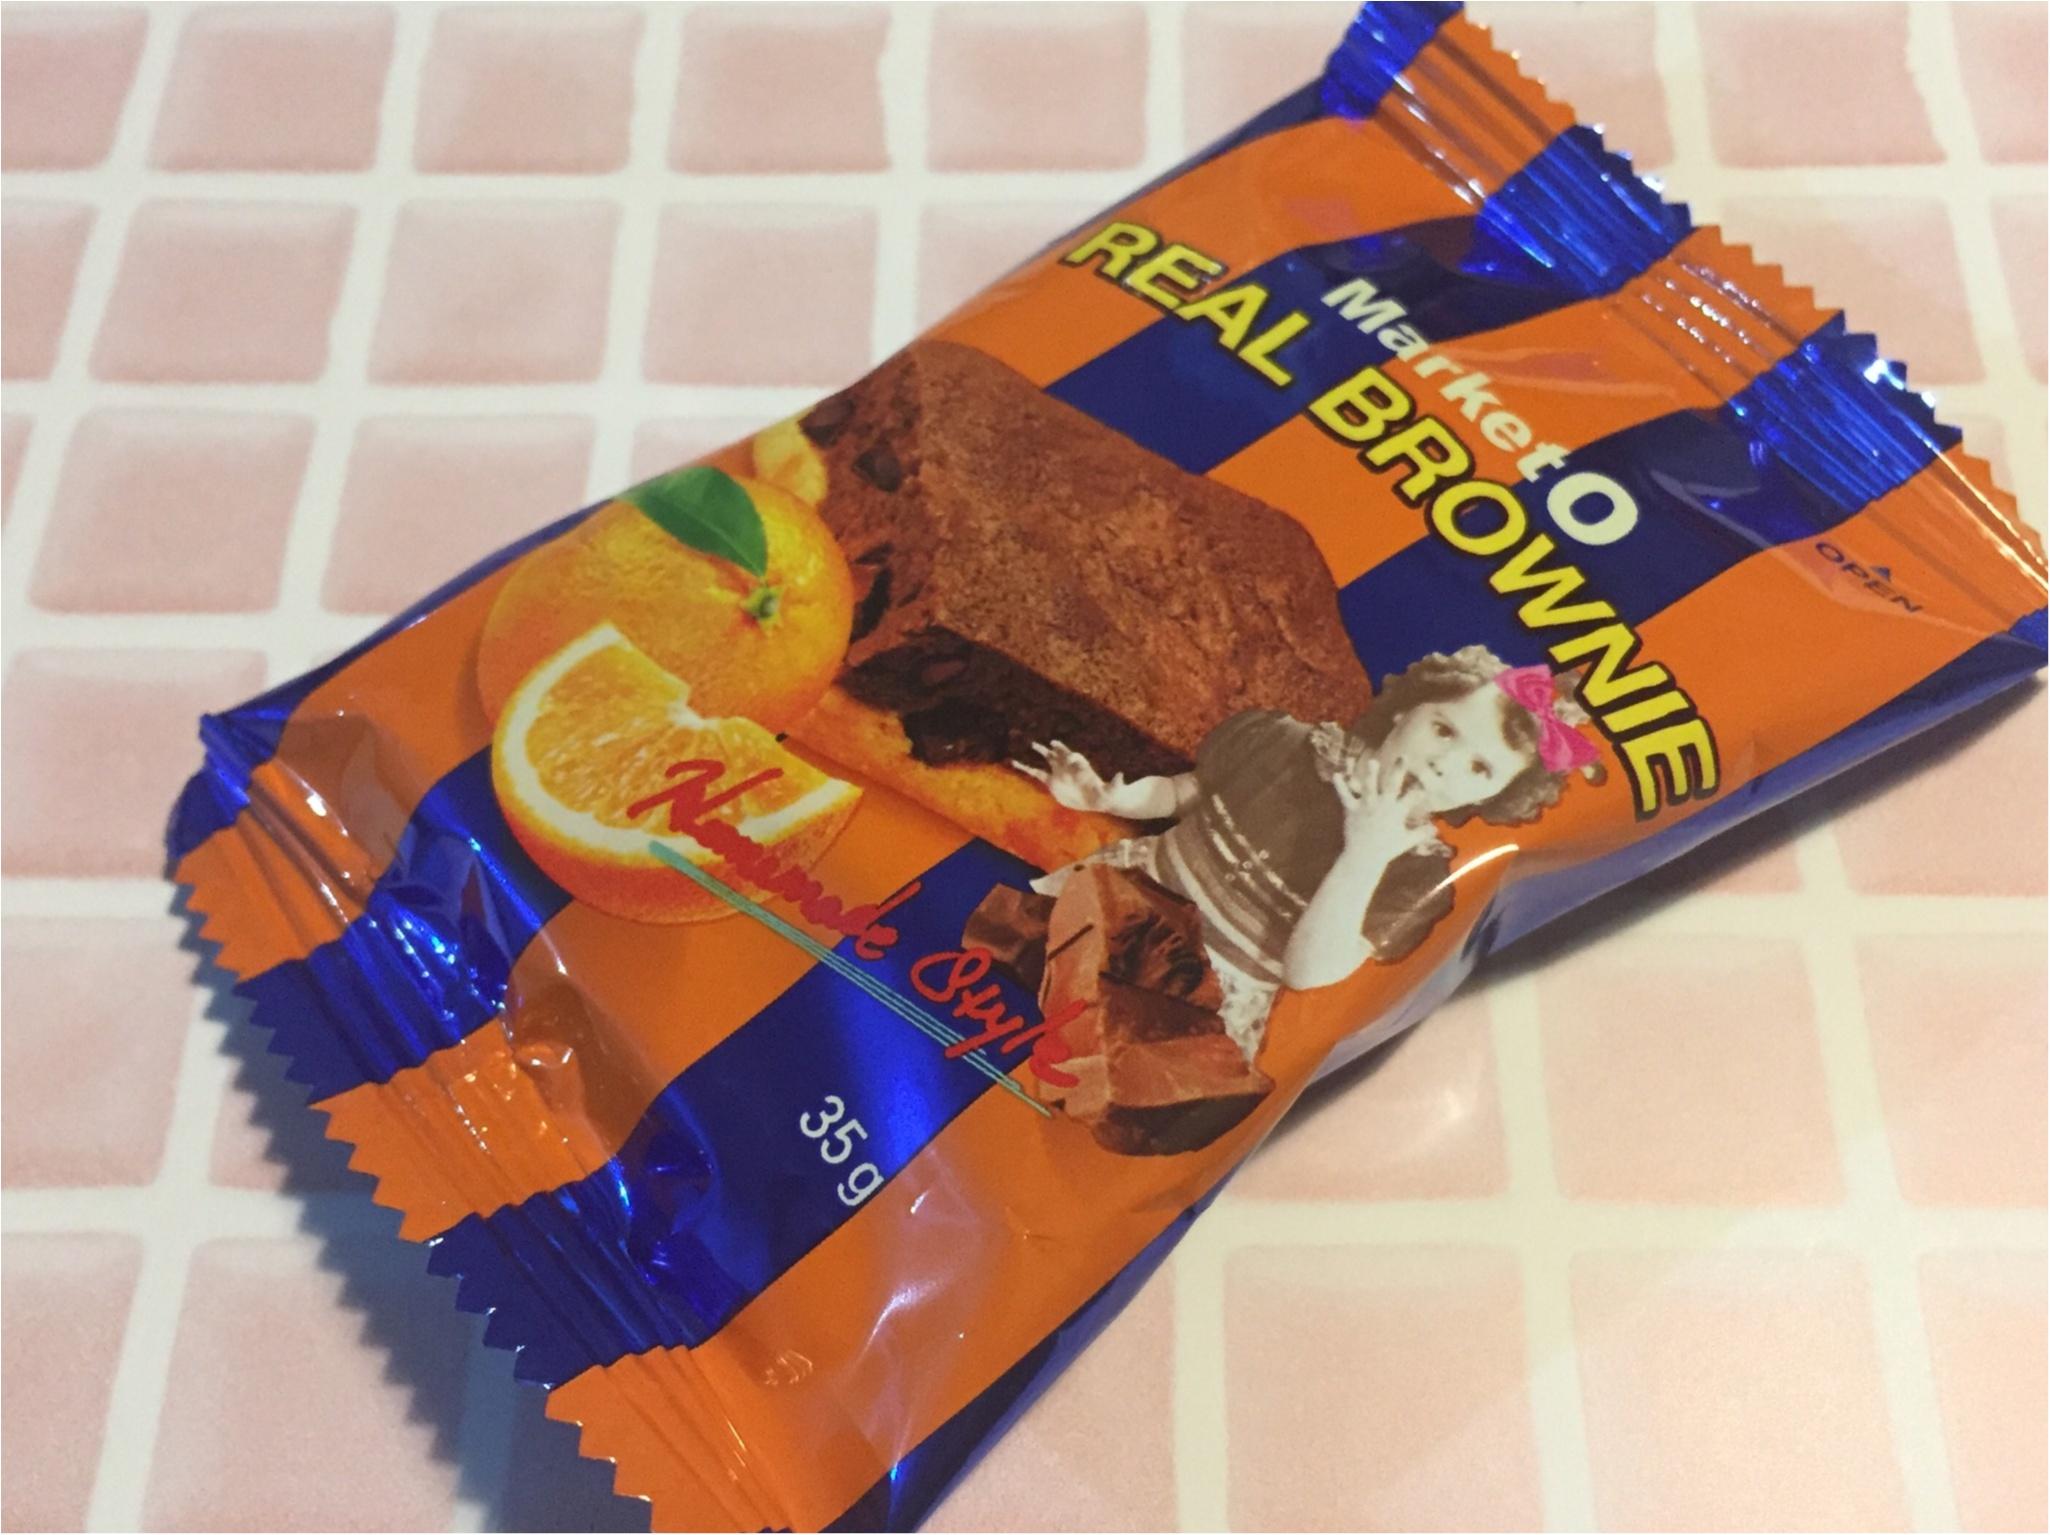 コンビニで手軽に買えるお菓子★『market O real brownie』に新発売の味が出たの知ってる?❤︎_1